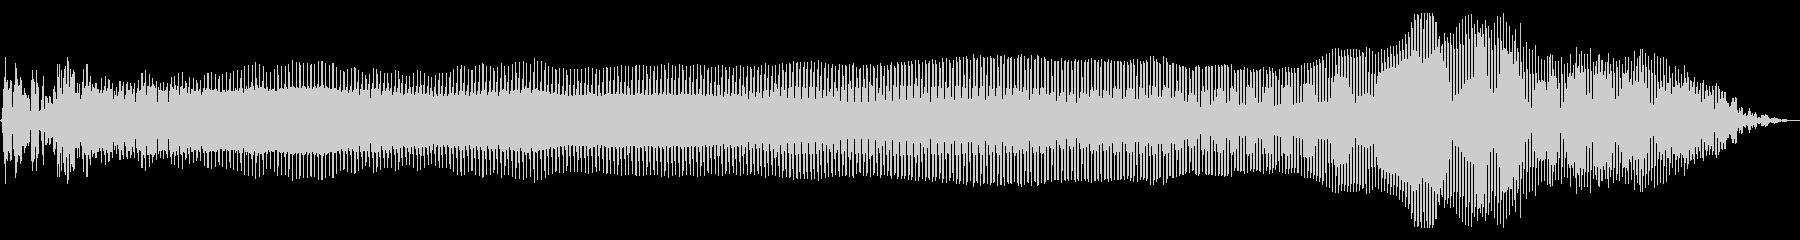 フーワ 上昇 ワウ トランペットの未再生の波形